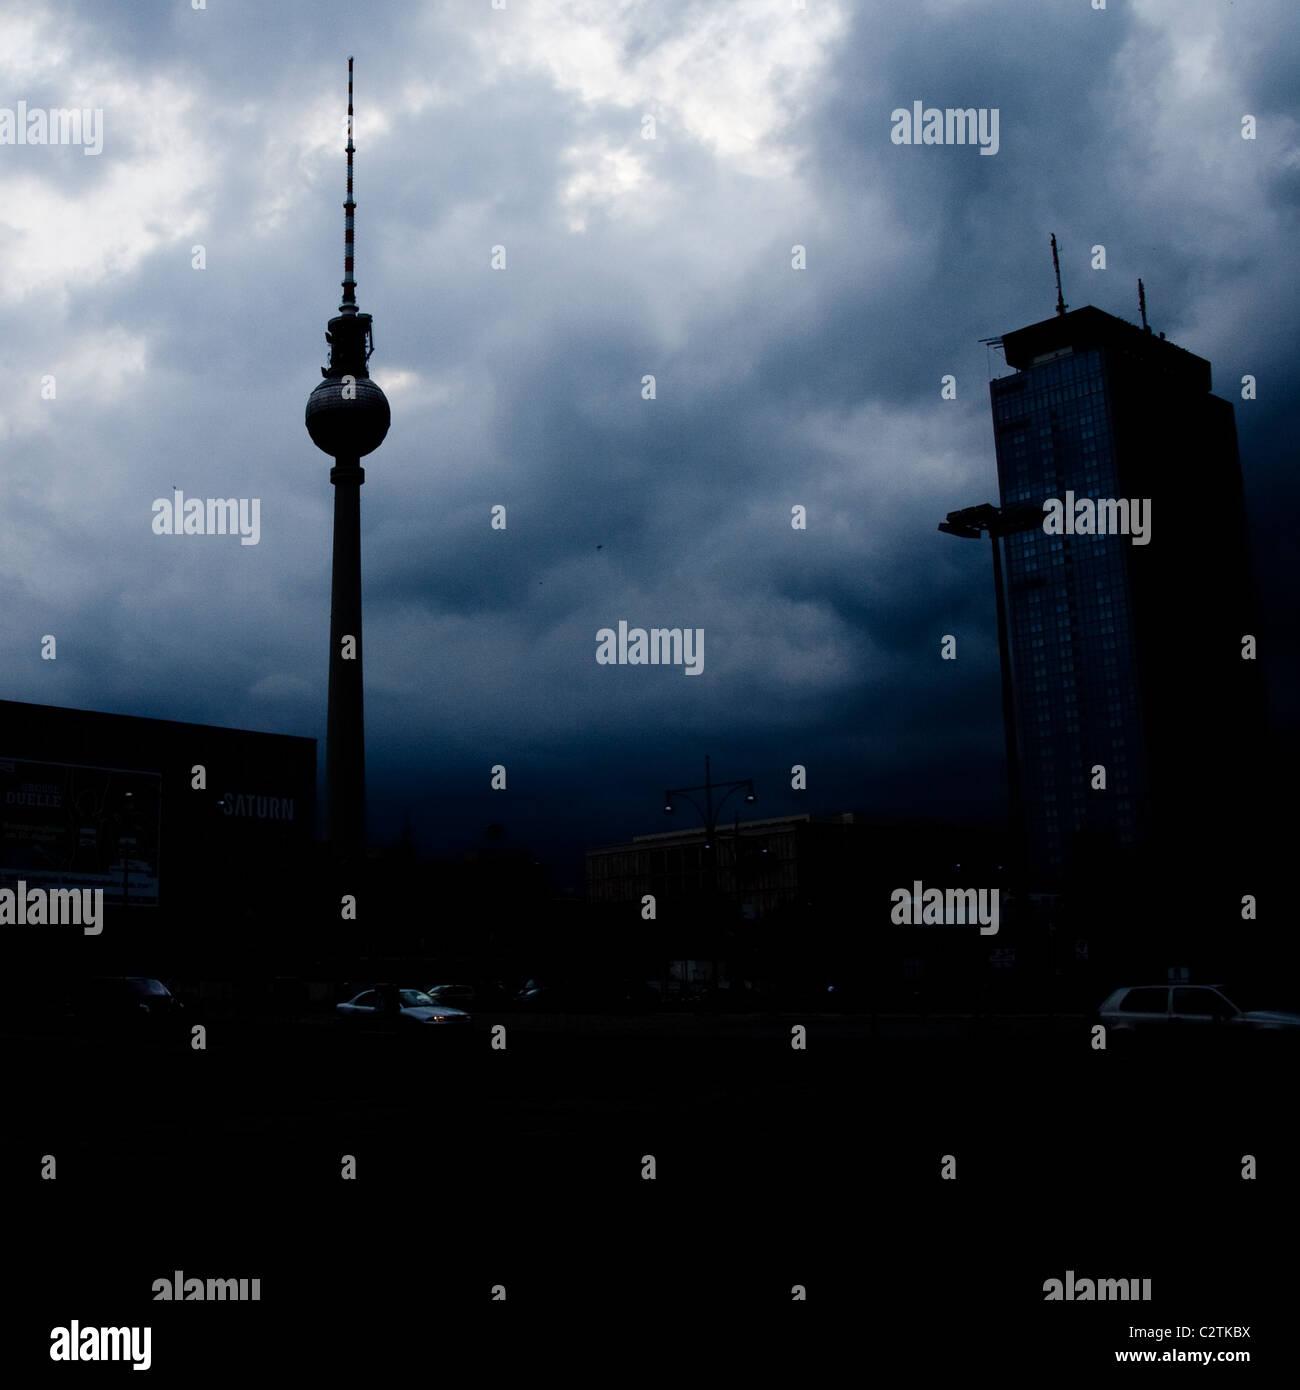 Un cielo oscuro alrededor de la torre de TV en Alexanderplatz en Berlín. Imagen De Stock